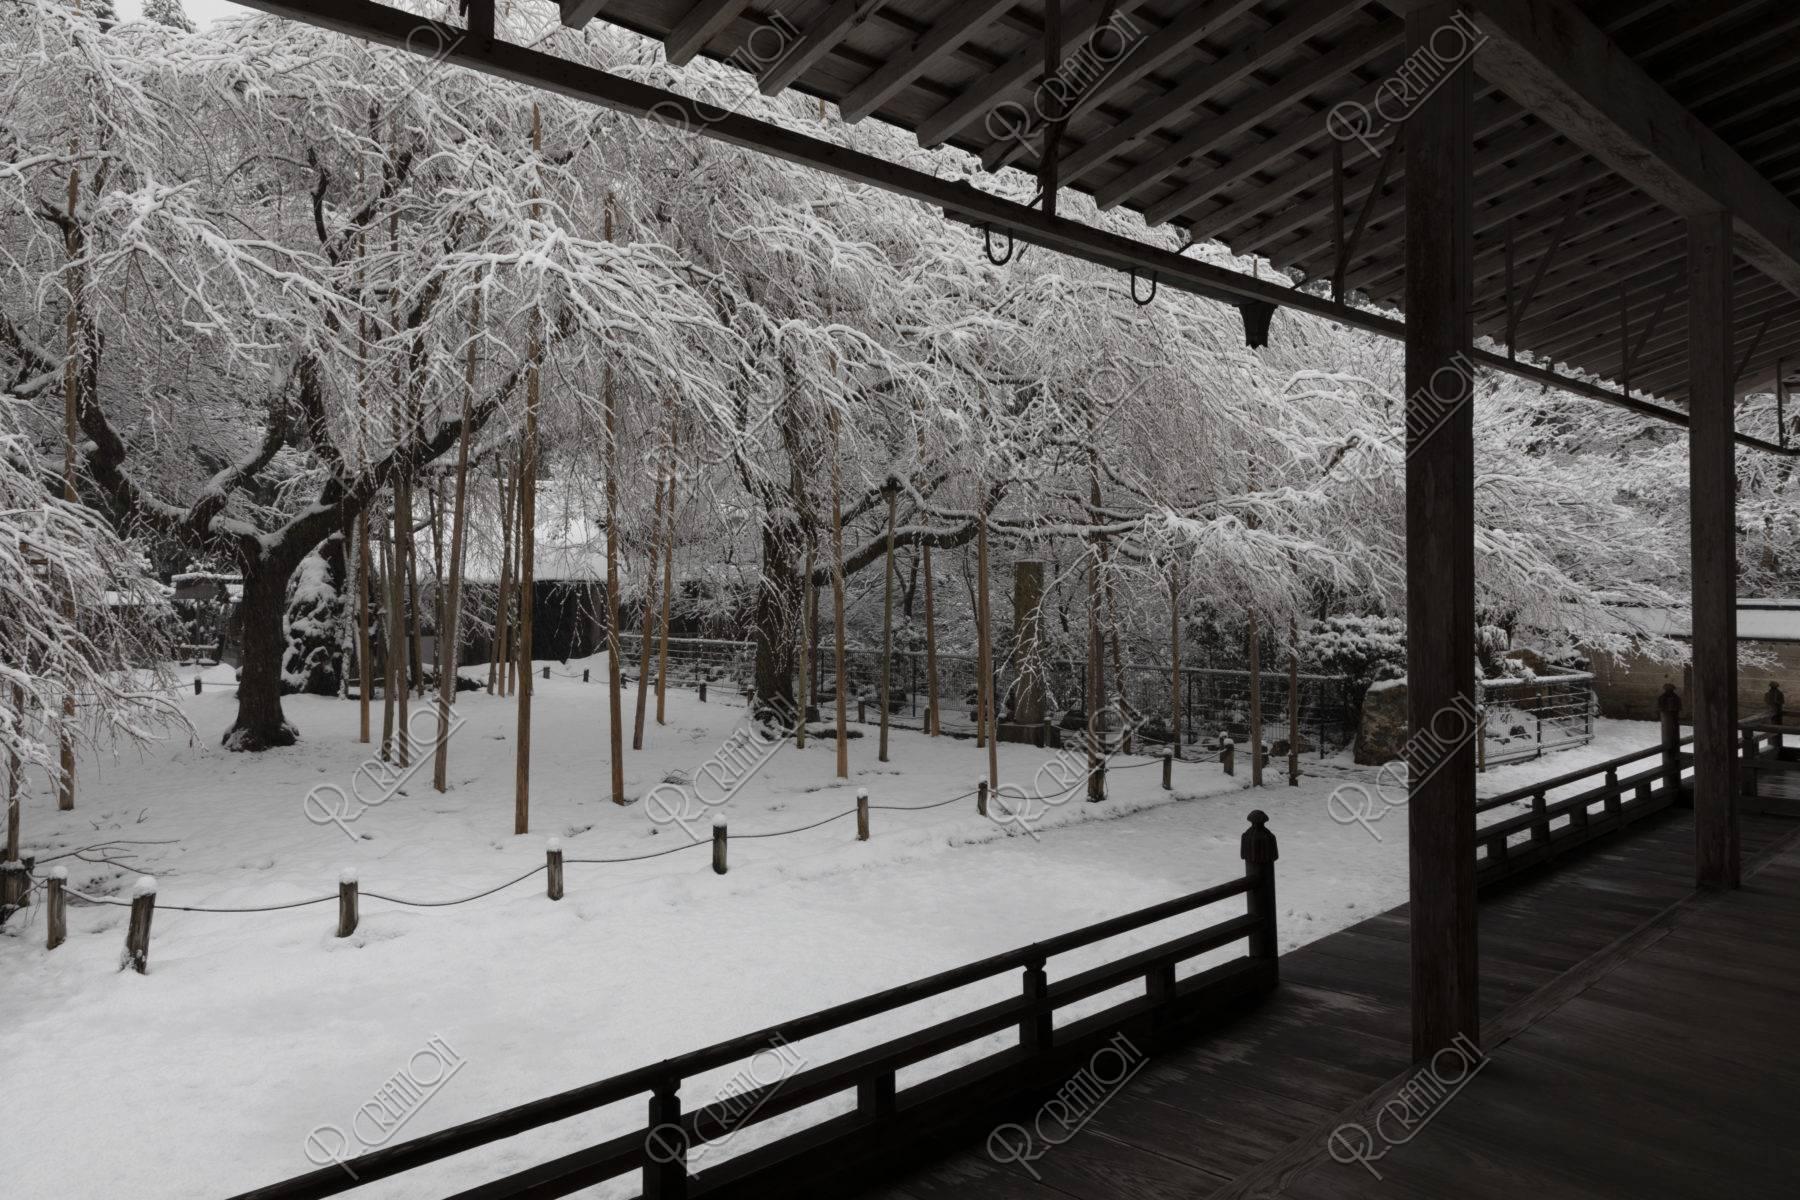 常照皇寺 左近の桜 九重桜 雪景色